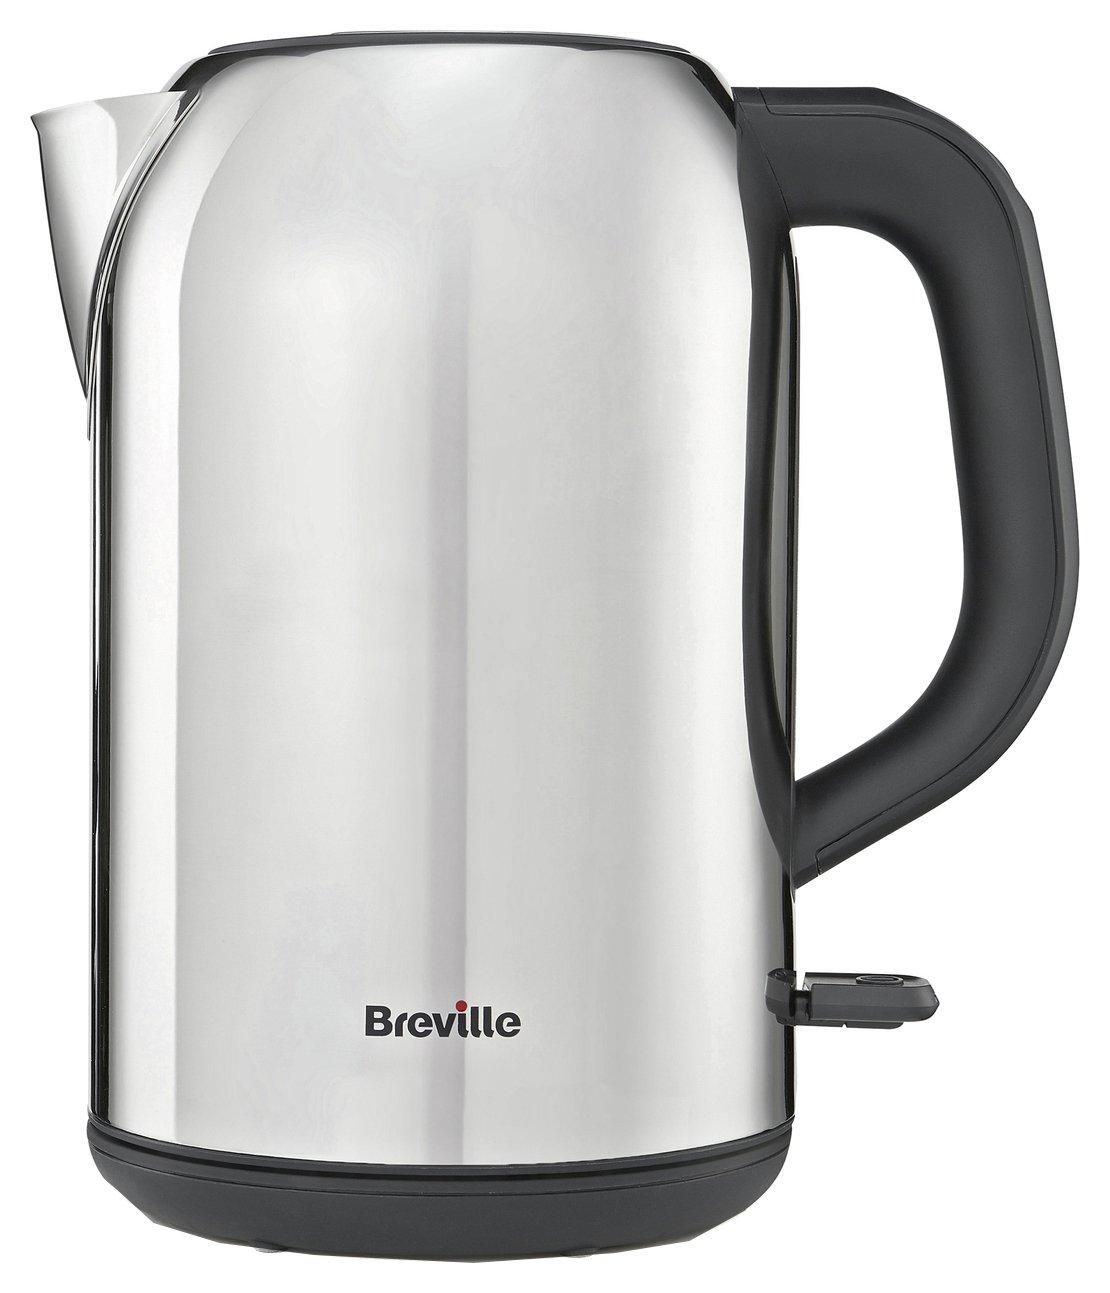 breville jug kettle find it for less. Black Bedroom Furniture Sets. Home Design Ideas